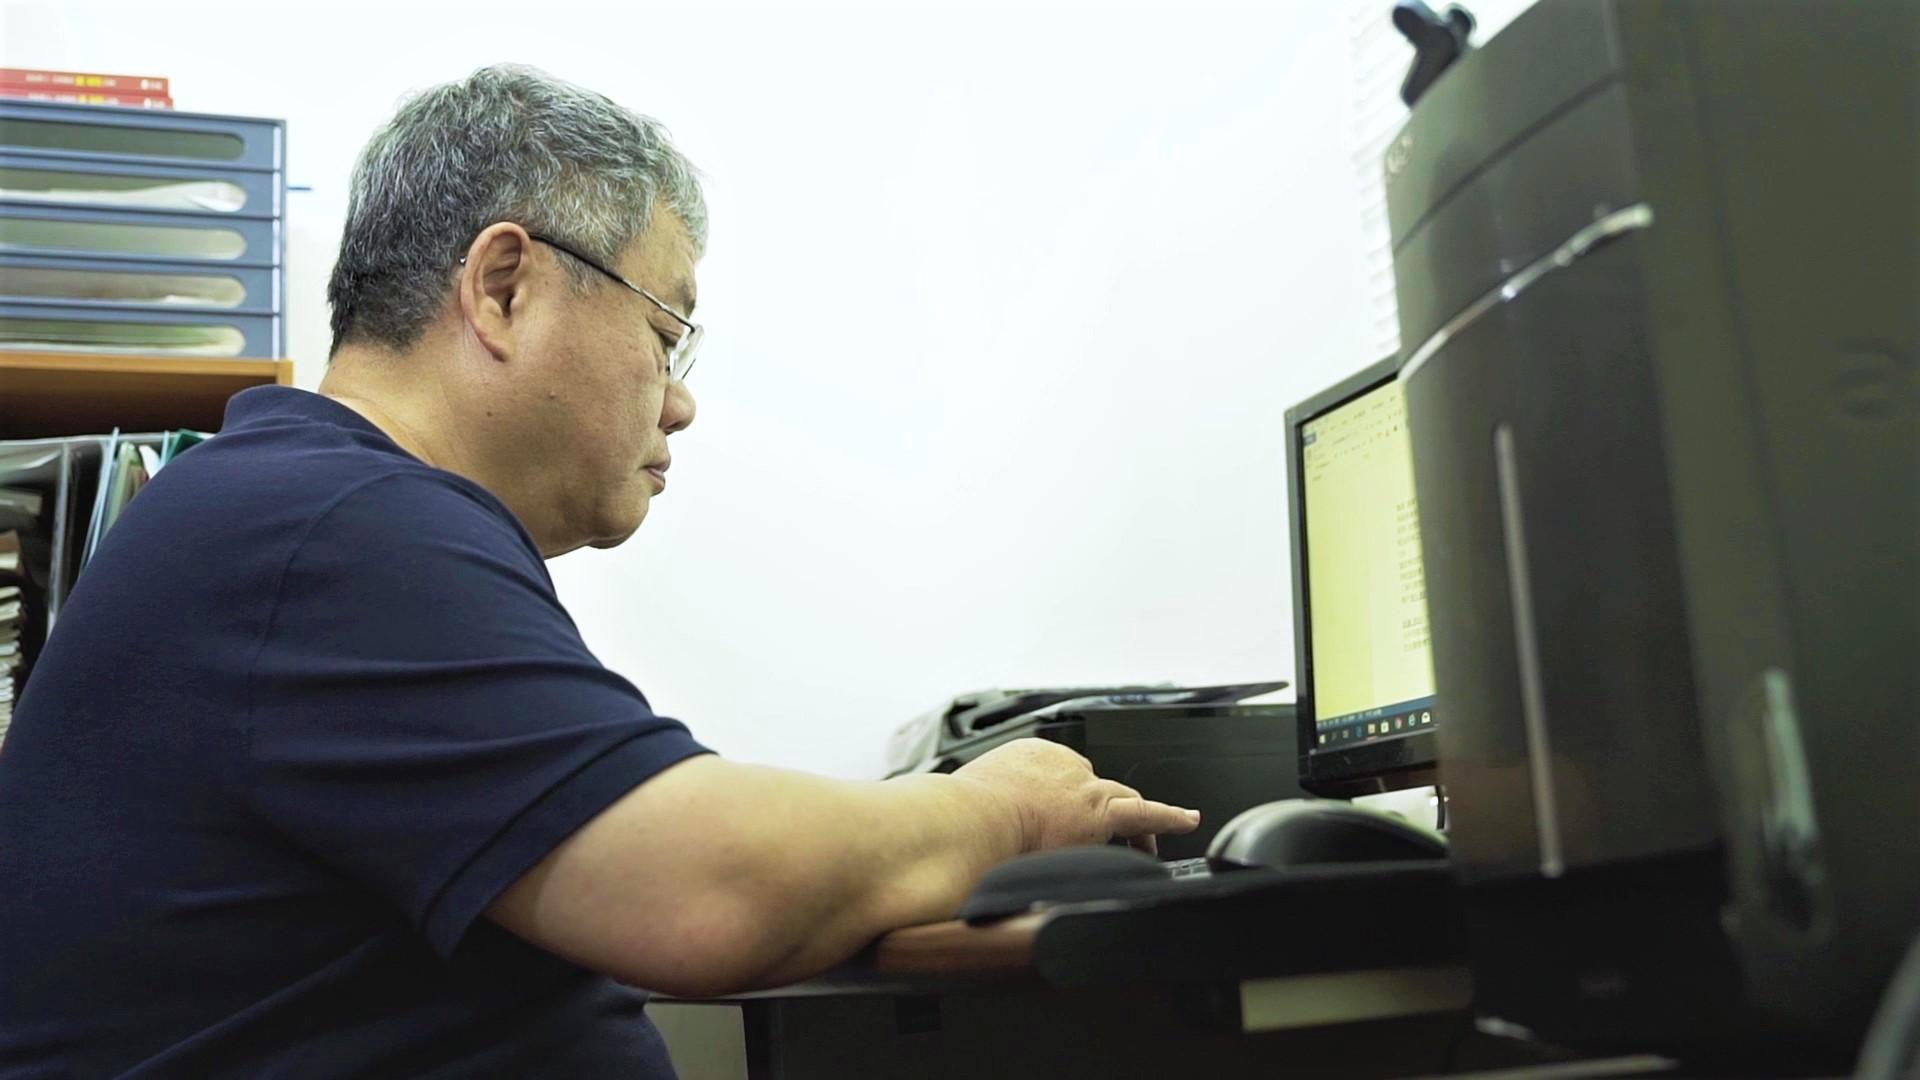 為了撰寫詐騙建議,陳惠澤從注音符號ㄅㄆㄇ開始練習打字。